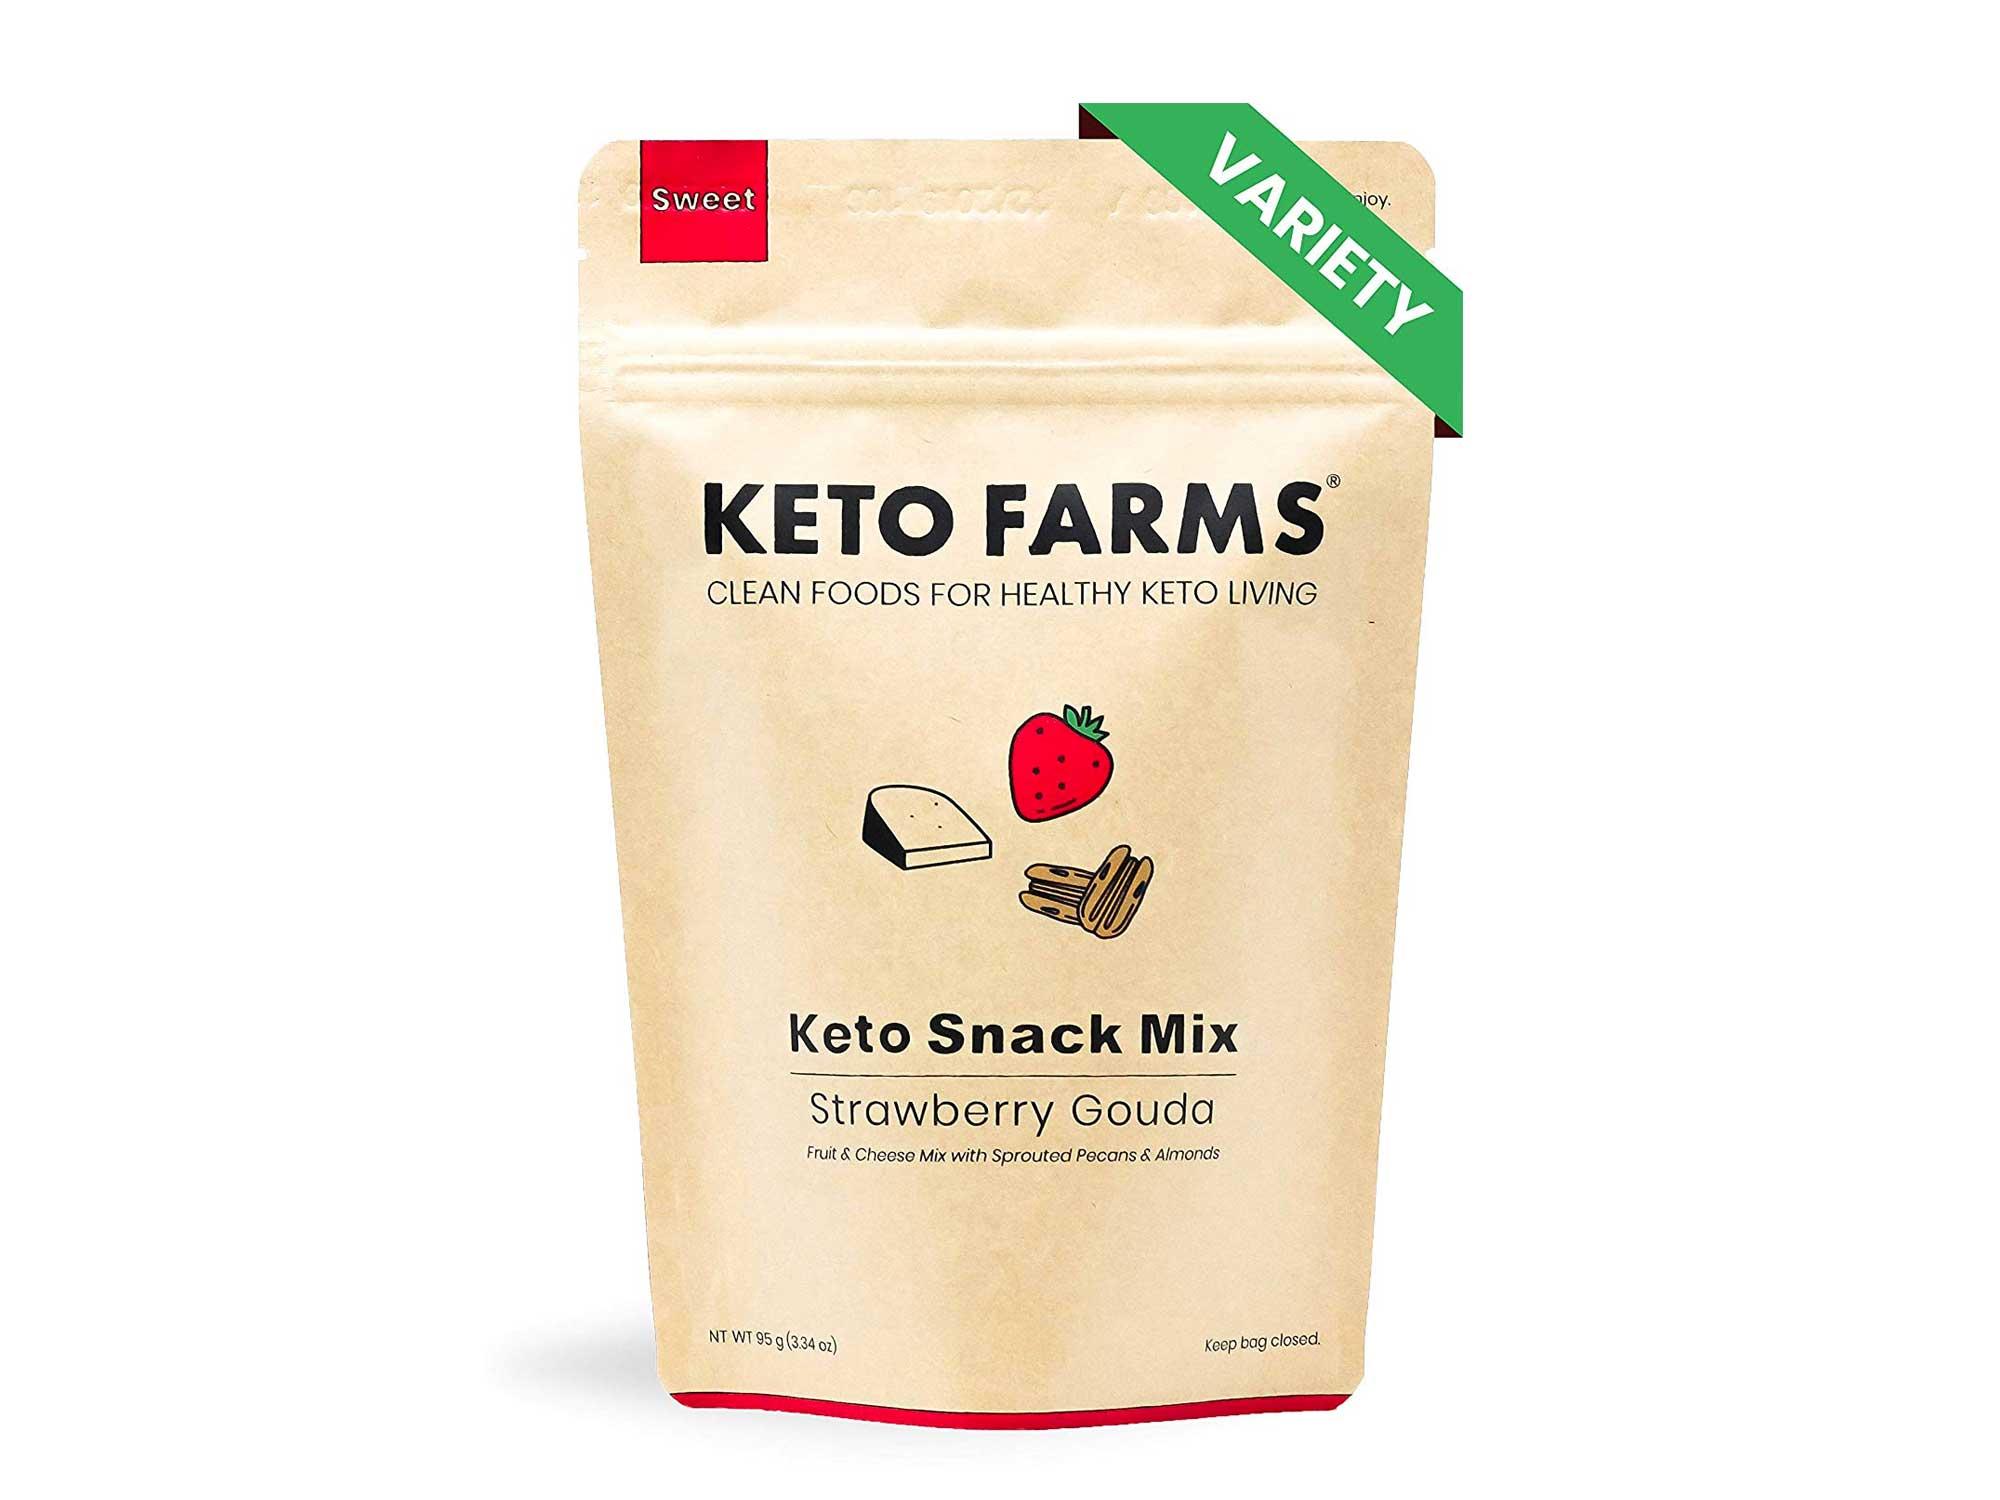 Keto farms dried snacks